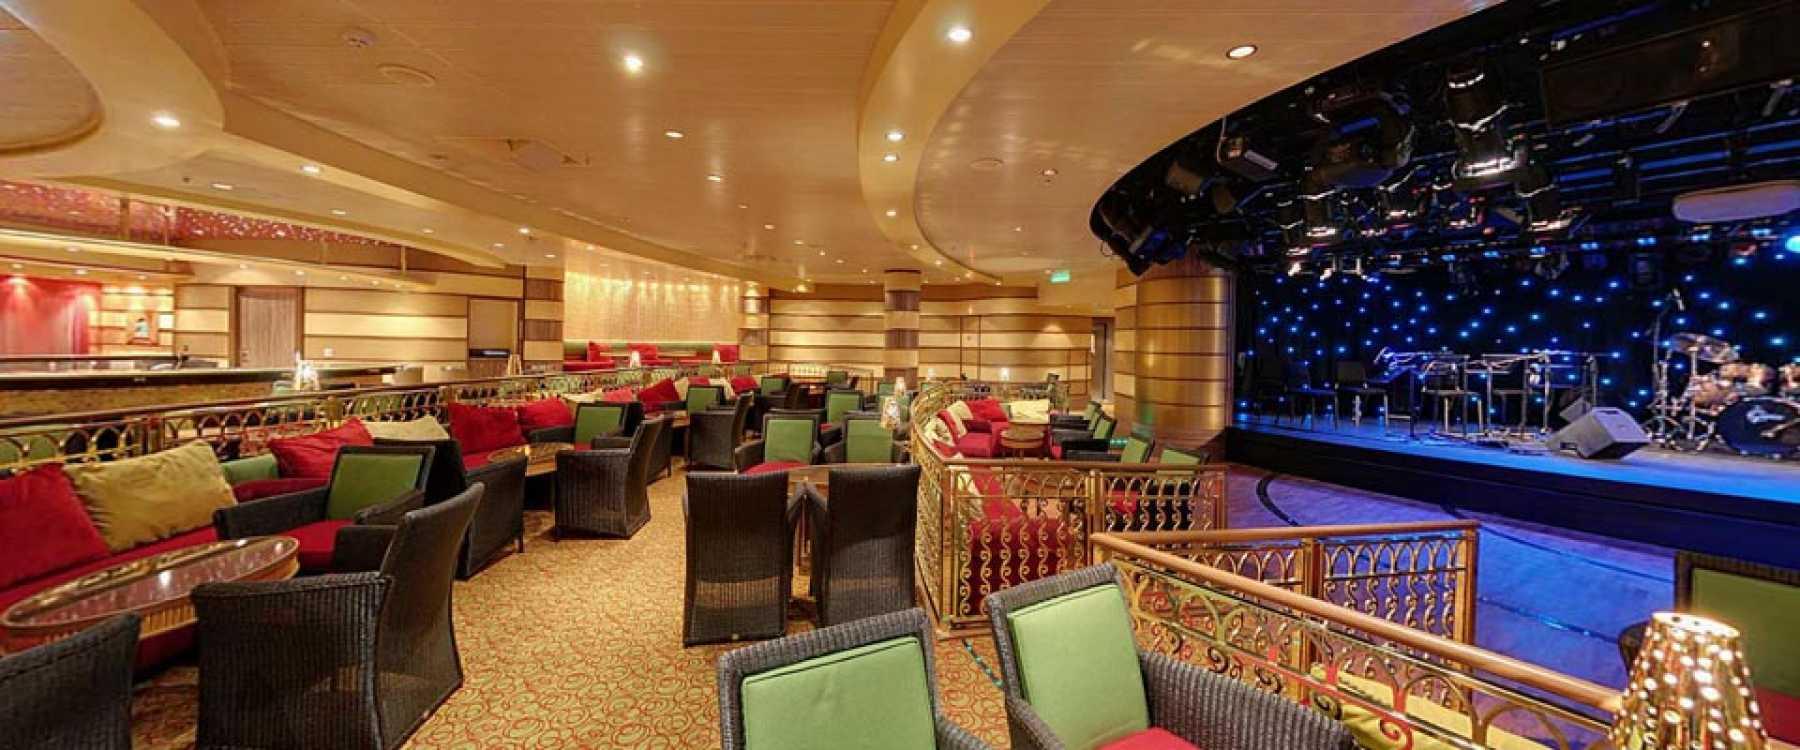 P&O Cruises Azura Interior Malabar2.jpg